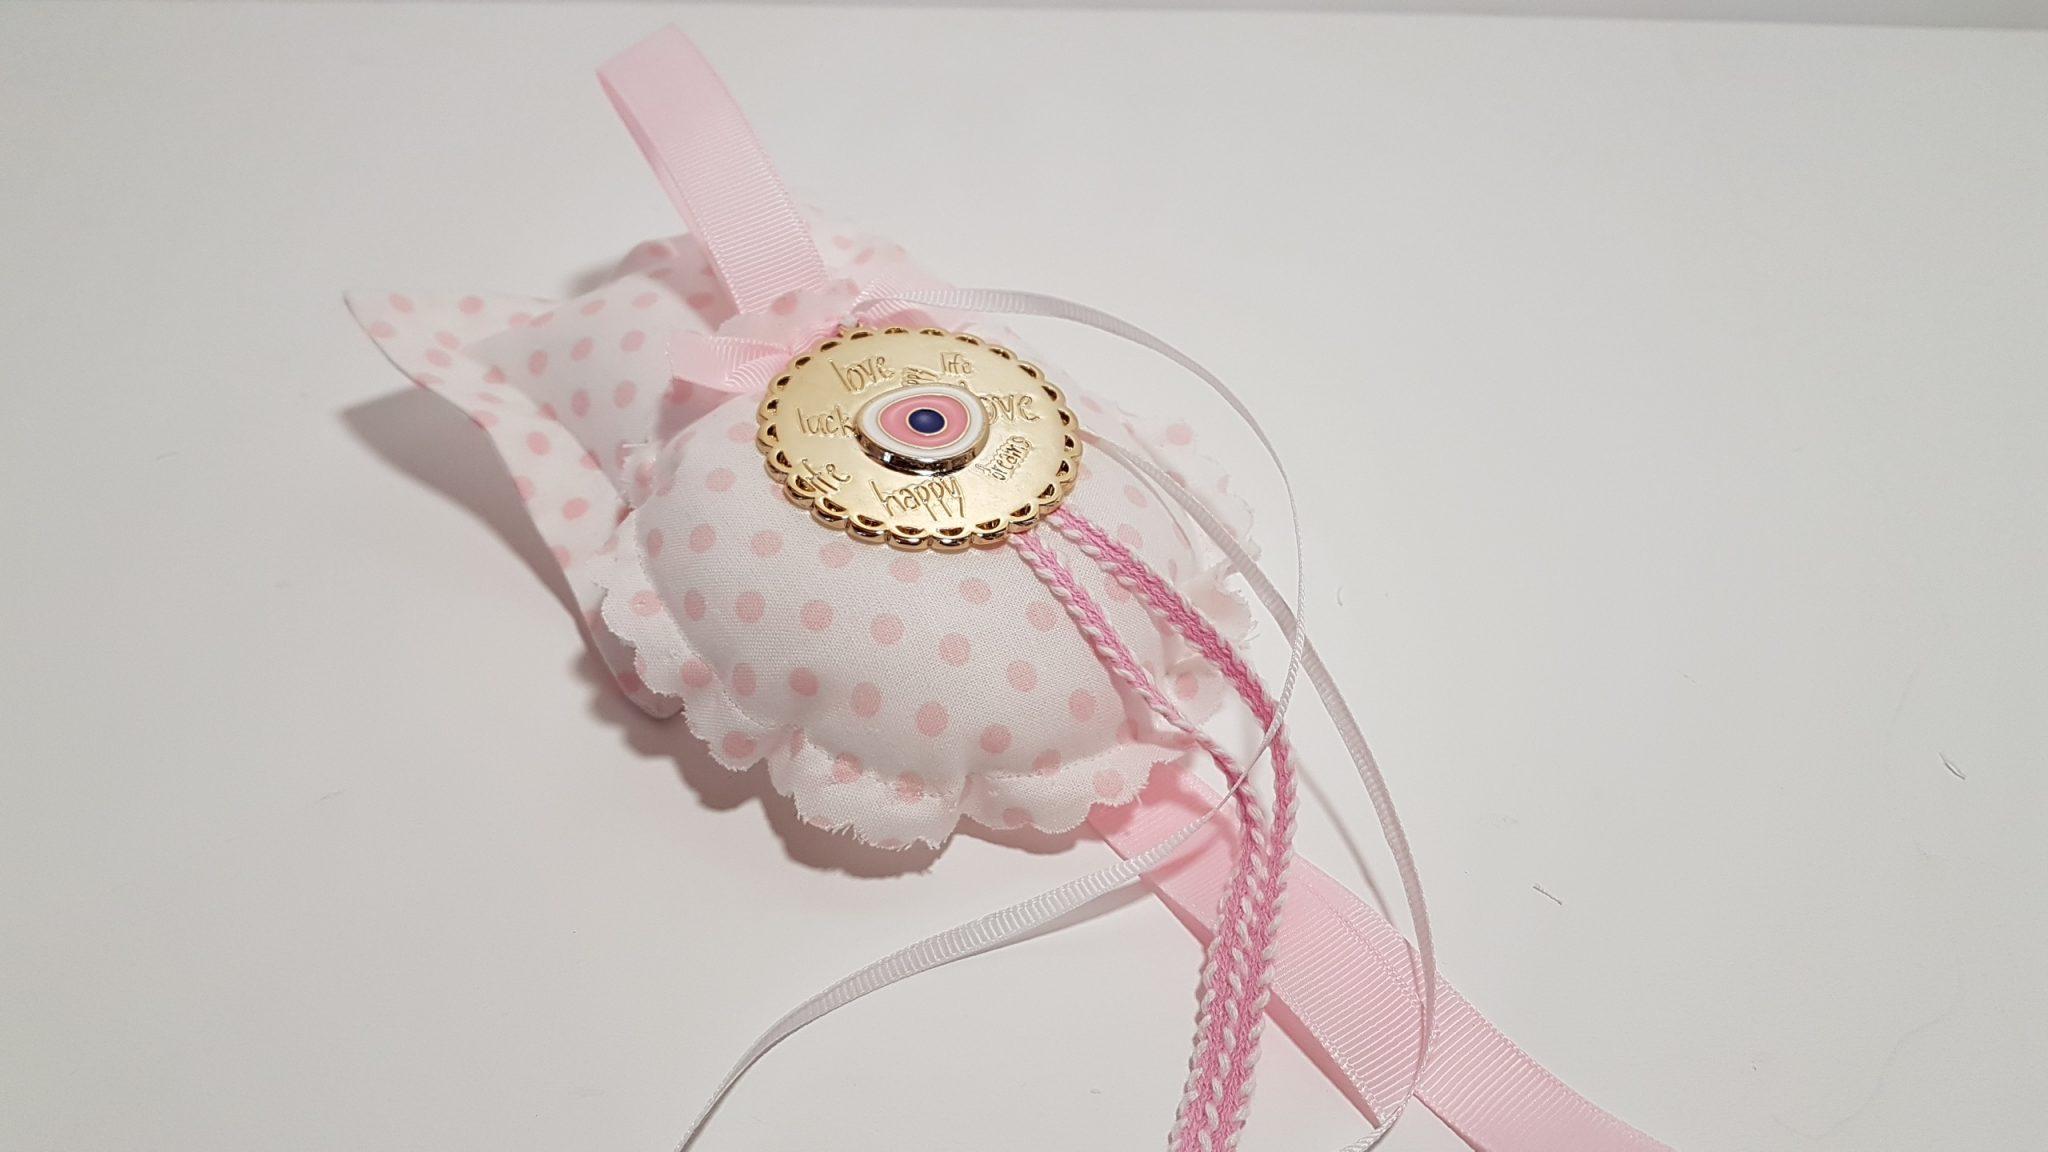 Φουσκωτό μαξιλαράκι στρογγυλό ροζ πουά και μεταλλικό κύκλο με ευχές και μάτι